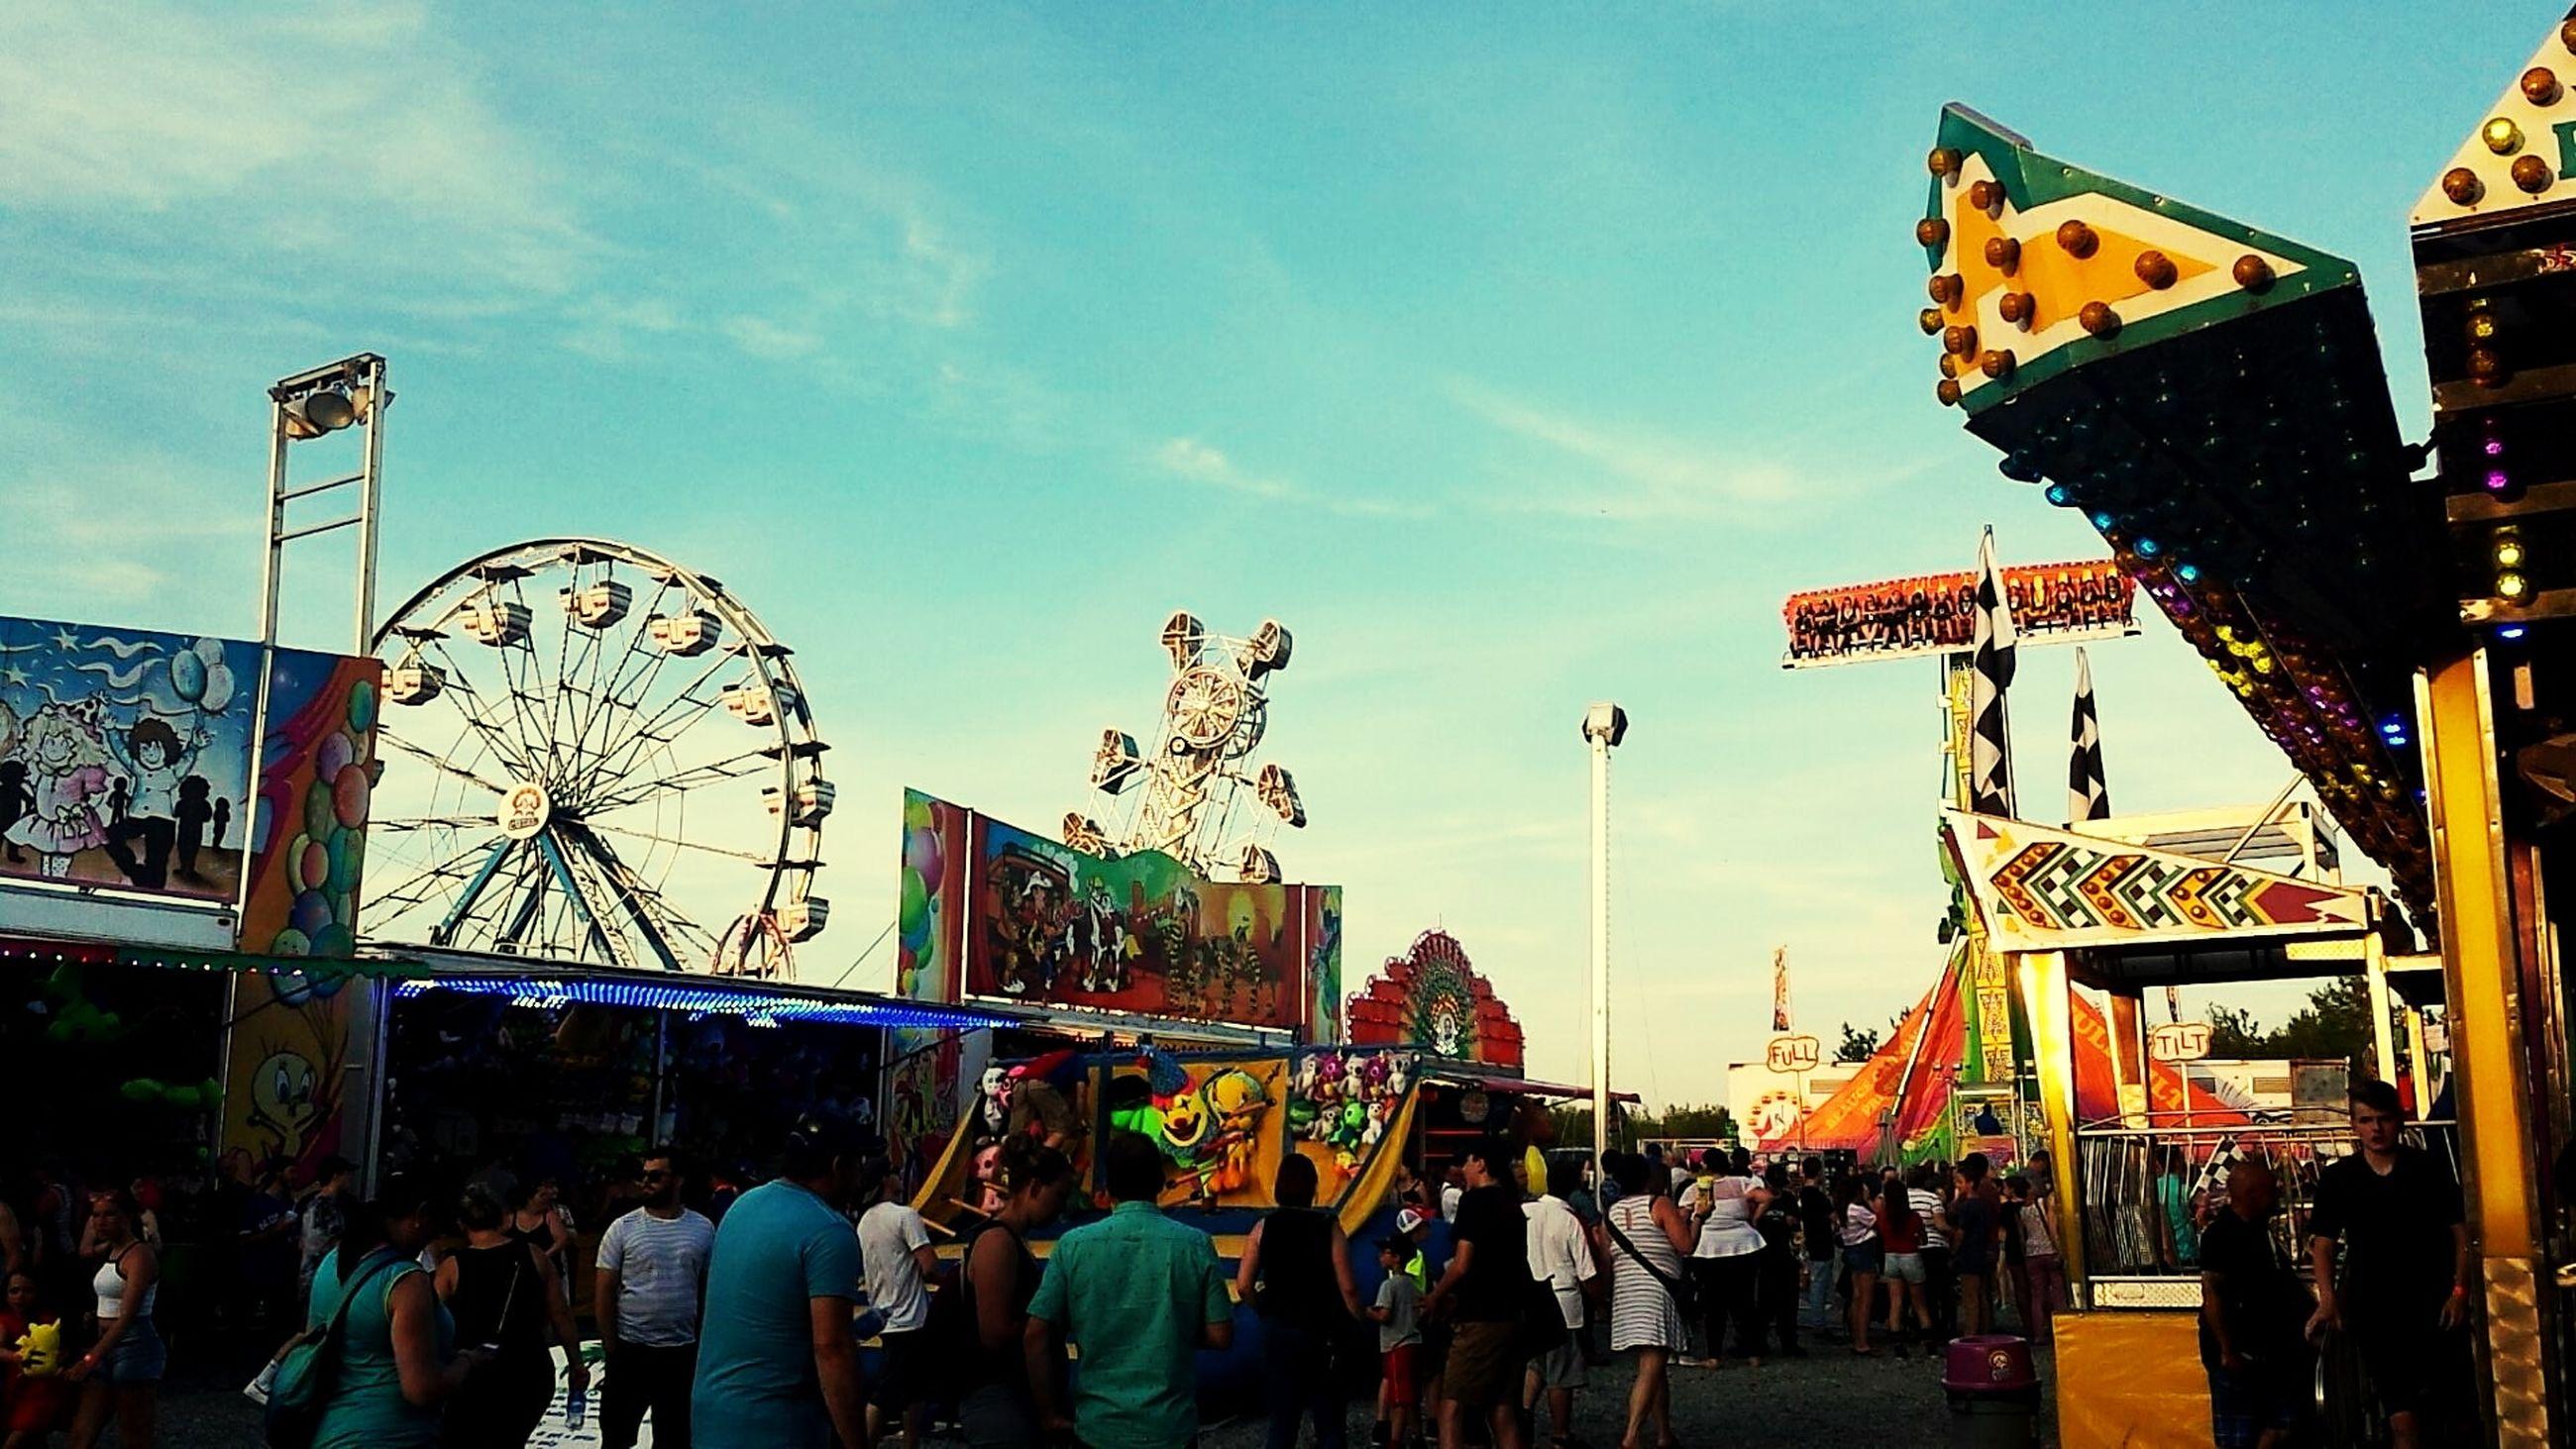 amusement park, arts culture and entertainment, amusement park ride, group of people, crowd, real people, sky, large group of people, leisure activity, ferris wheel, men, women, architecture, cloud - sky, enjoyment, lifestyles, day, adult, built structure, nature, outdoors, festival, fairground